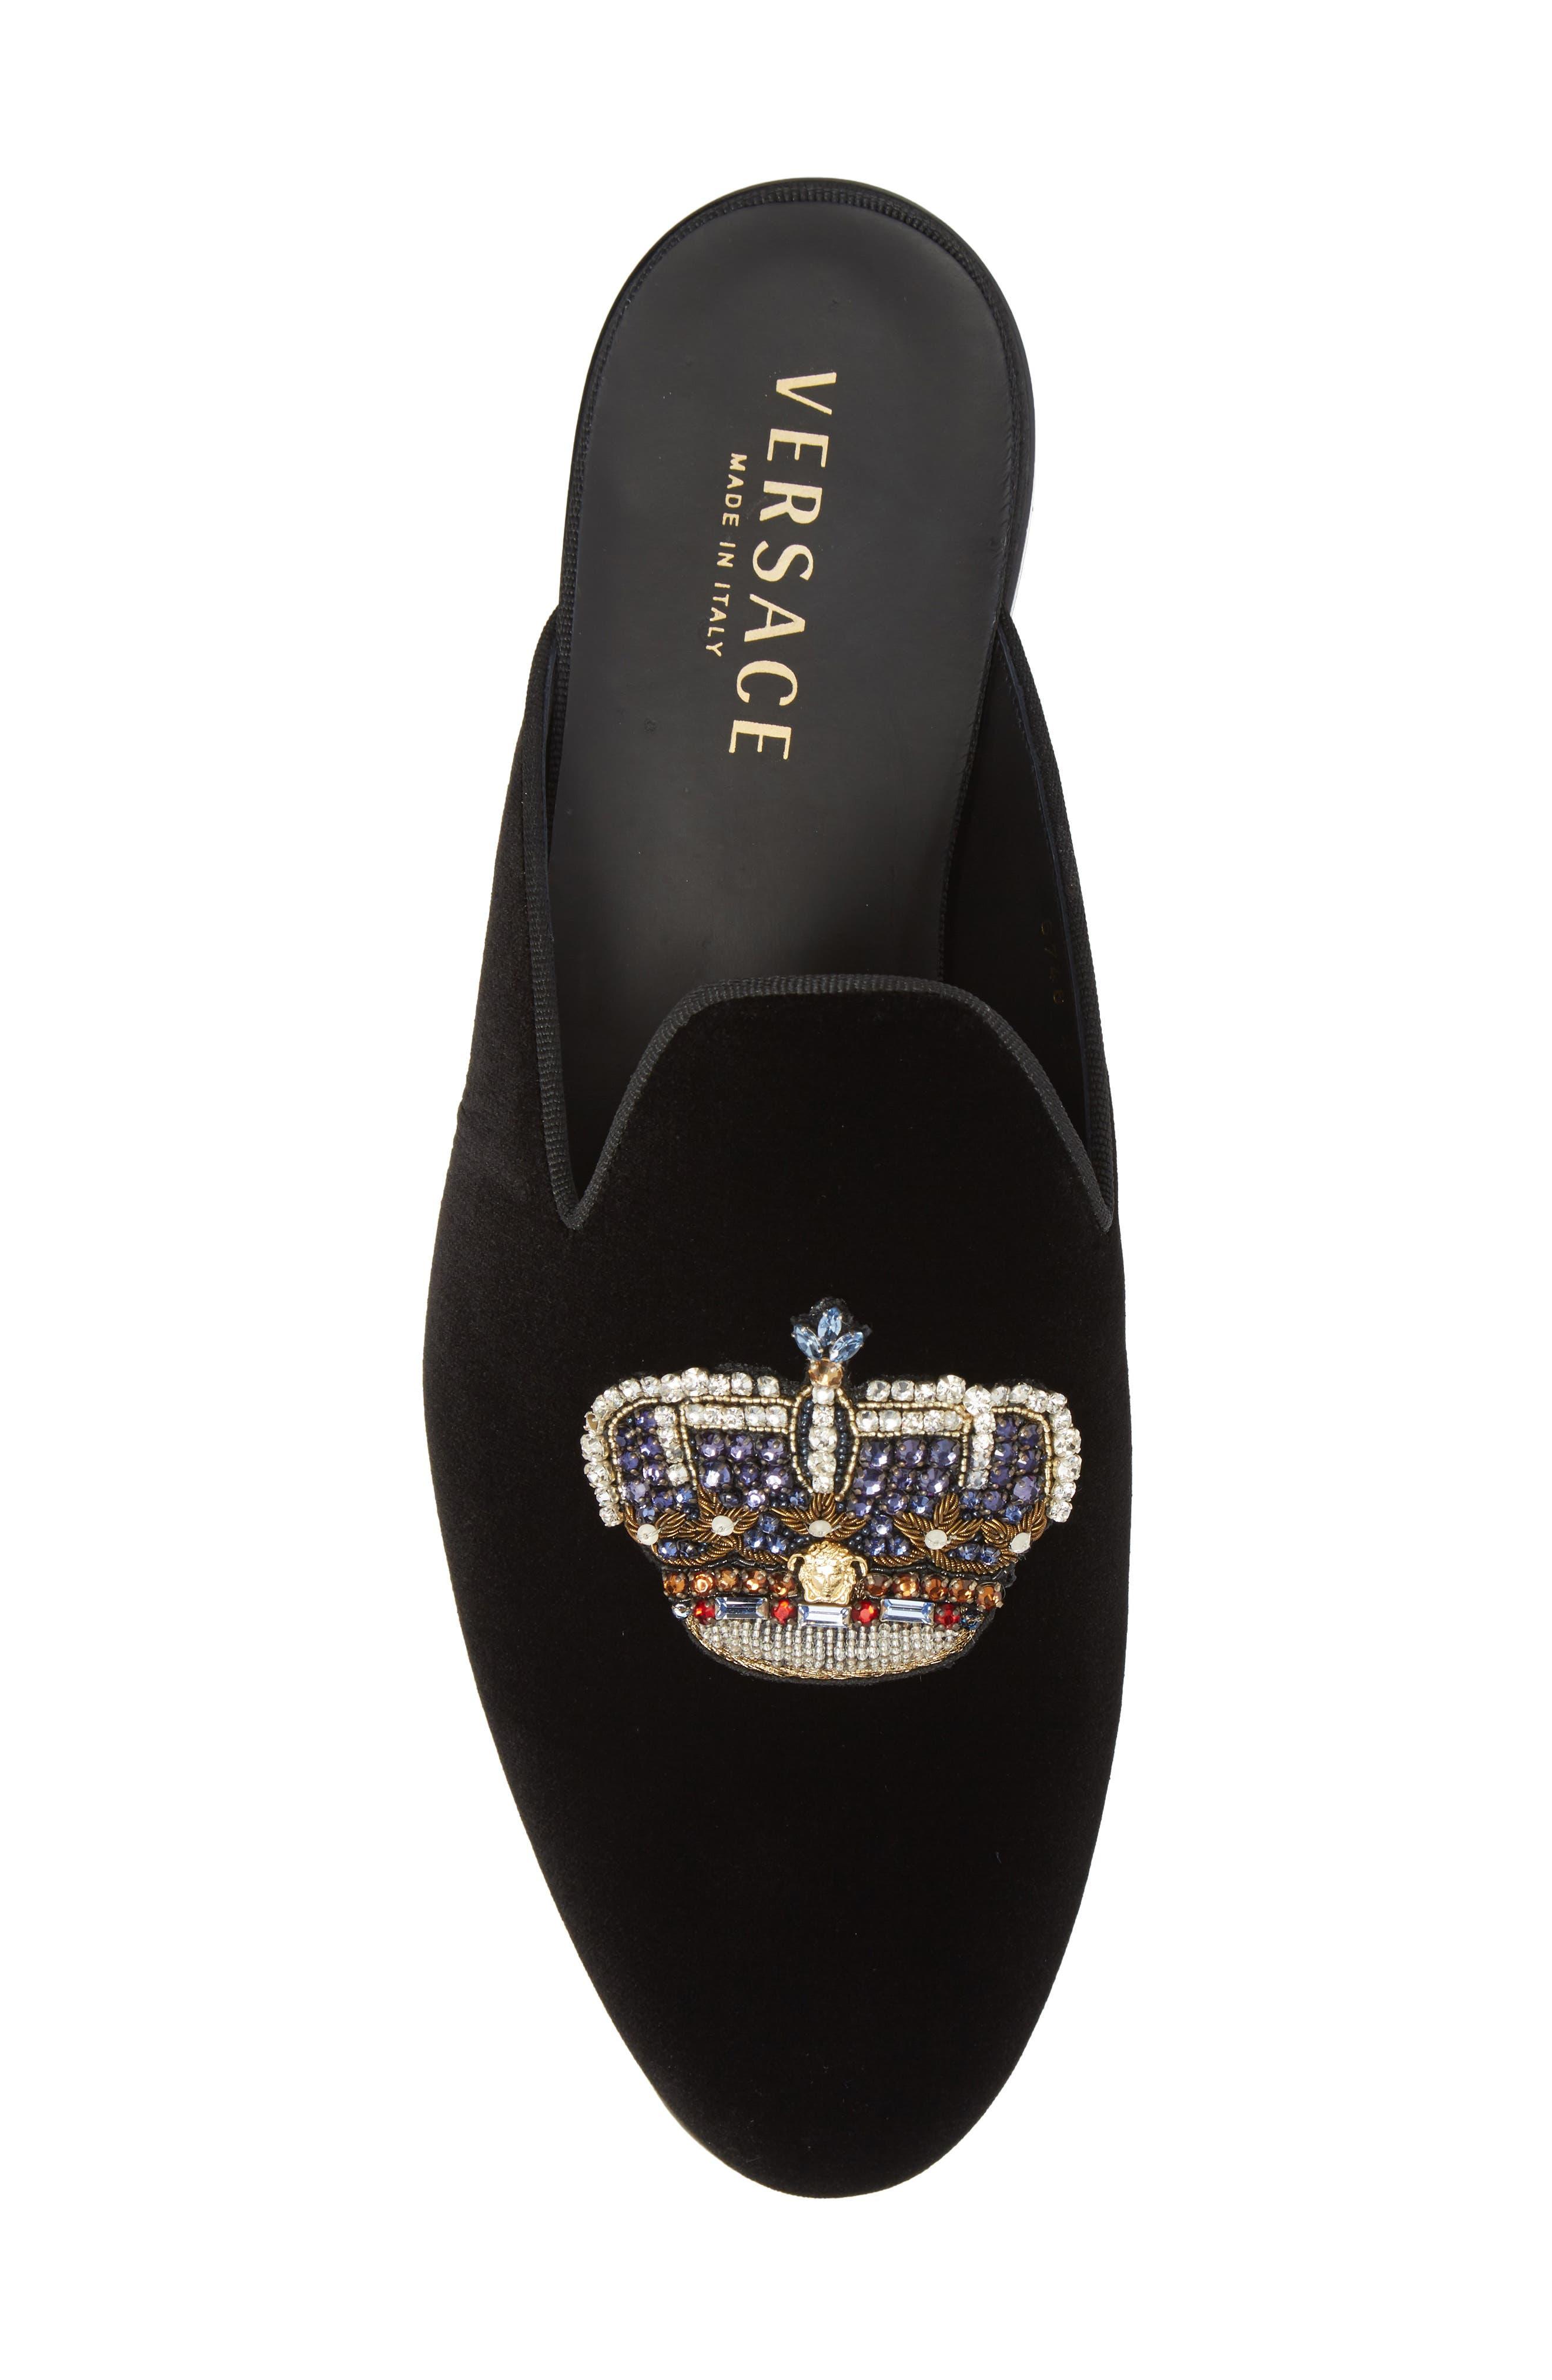 Gianni Embellished Crown Loafer Mule,                             Alternate thumbnail 5, color,                             Black Warm Gold